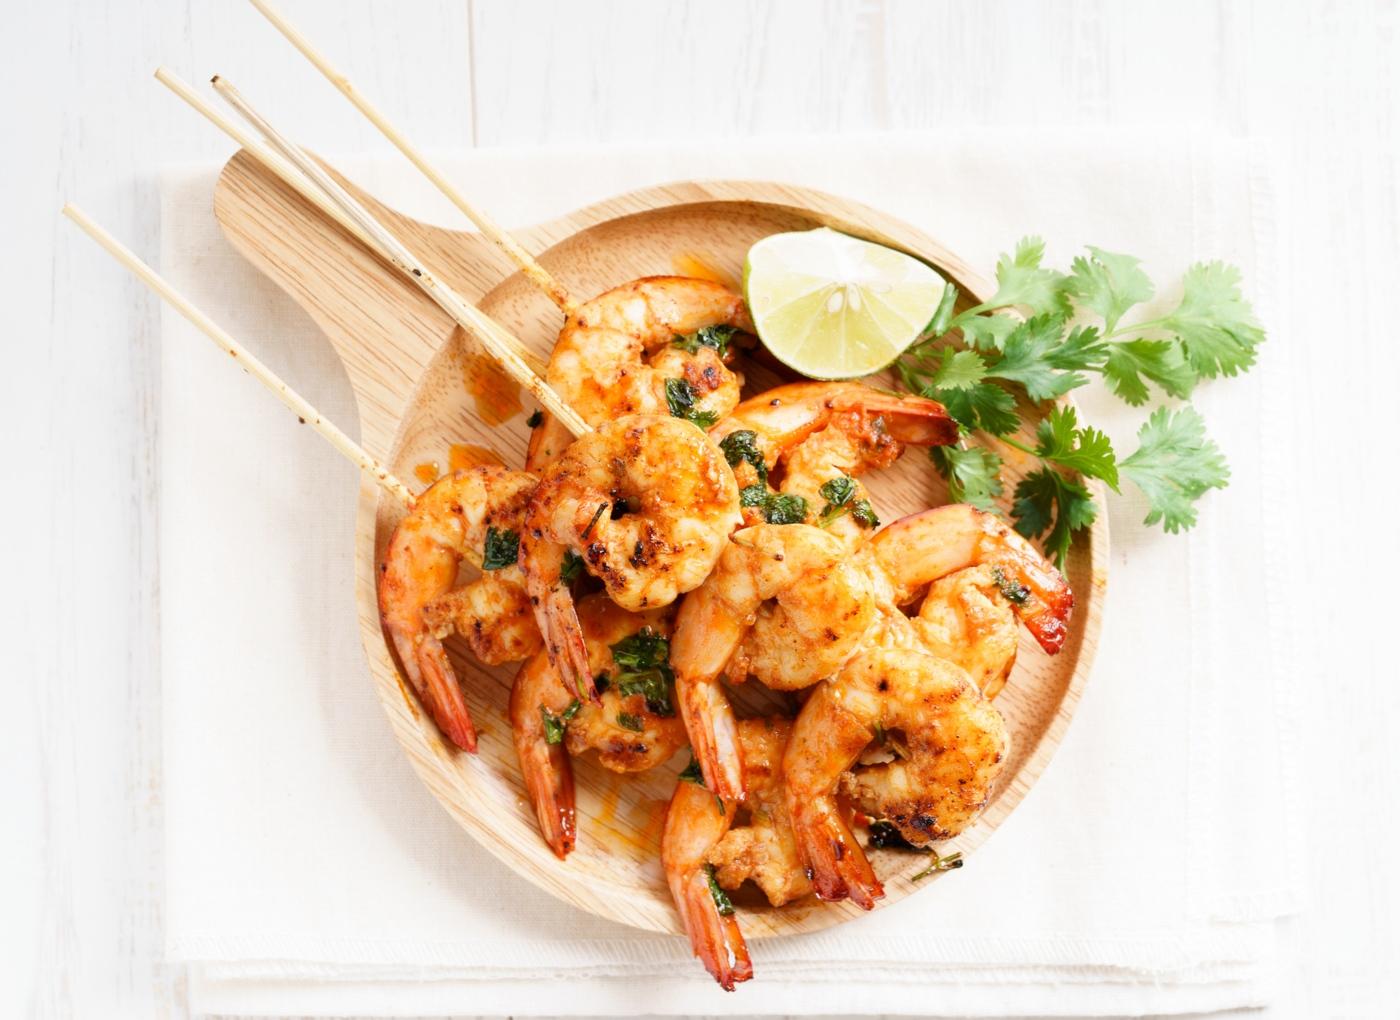 Almoços saudáveis: espetadas de camarão com satay